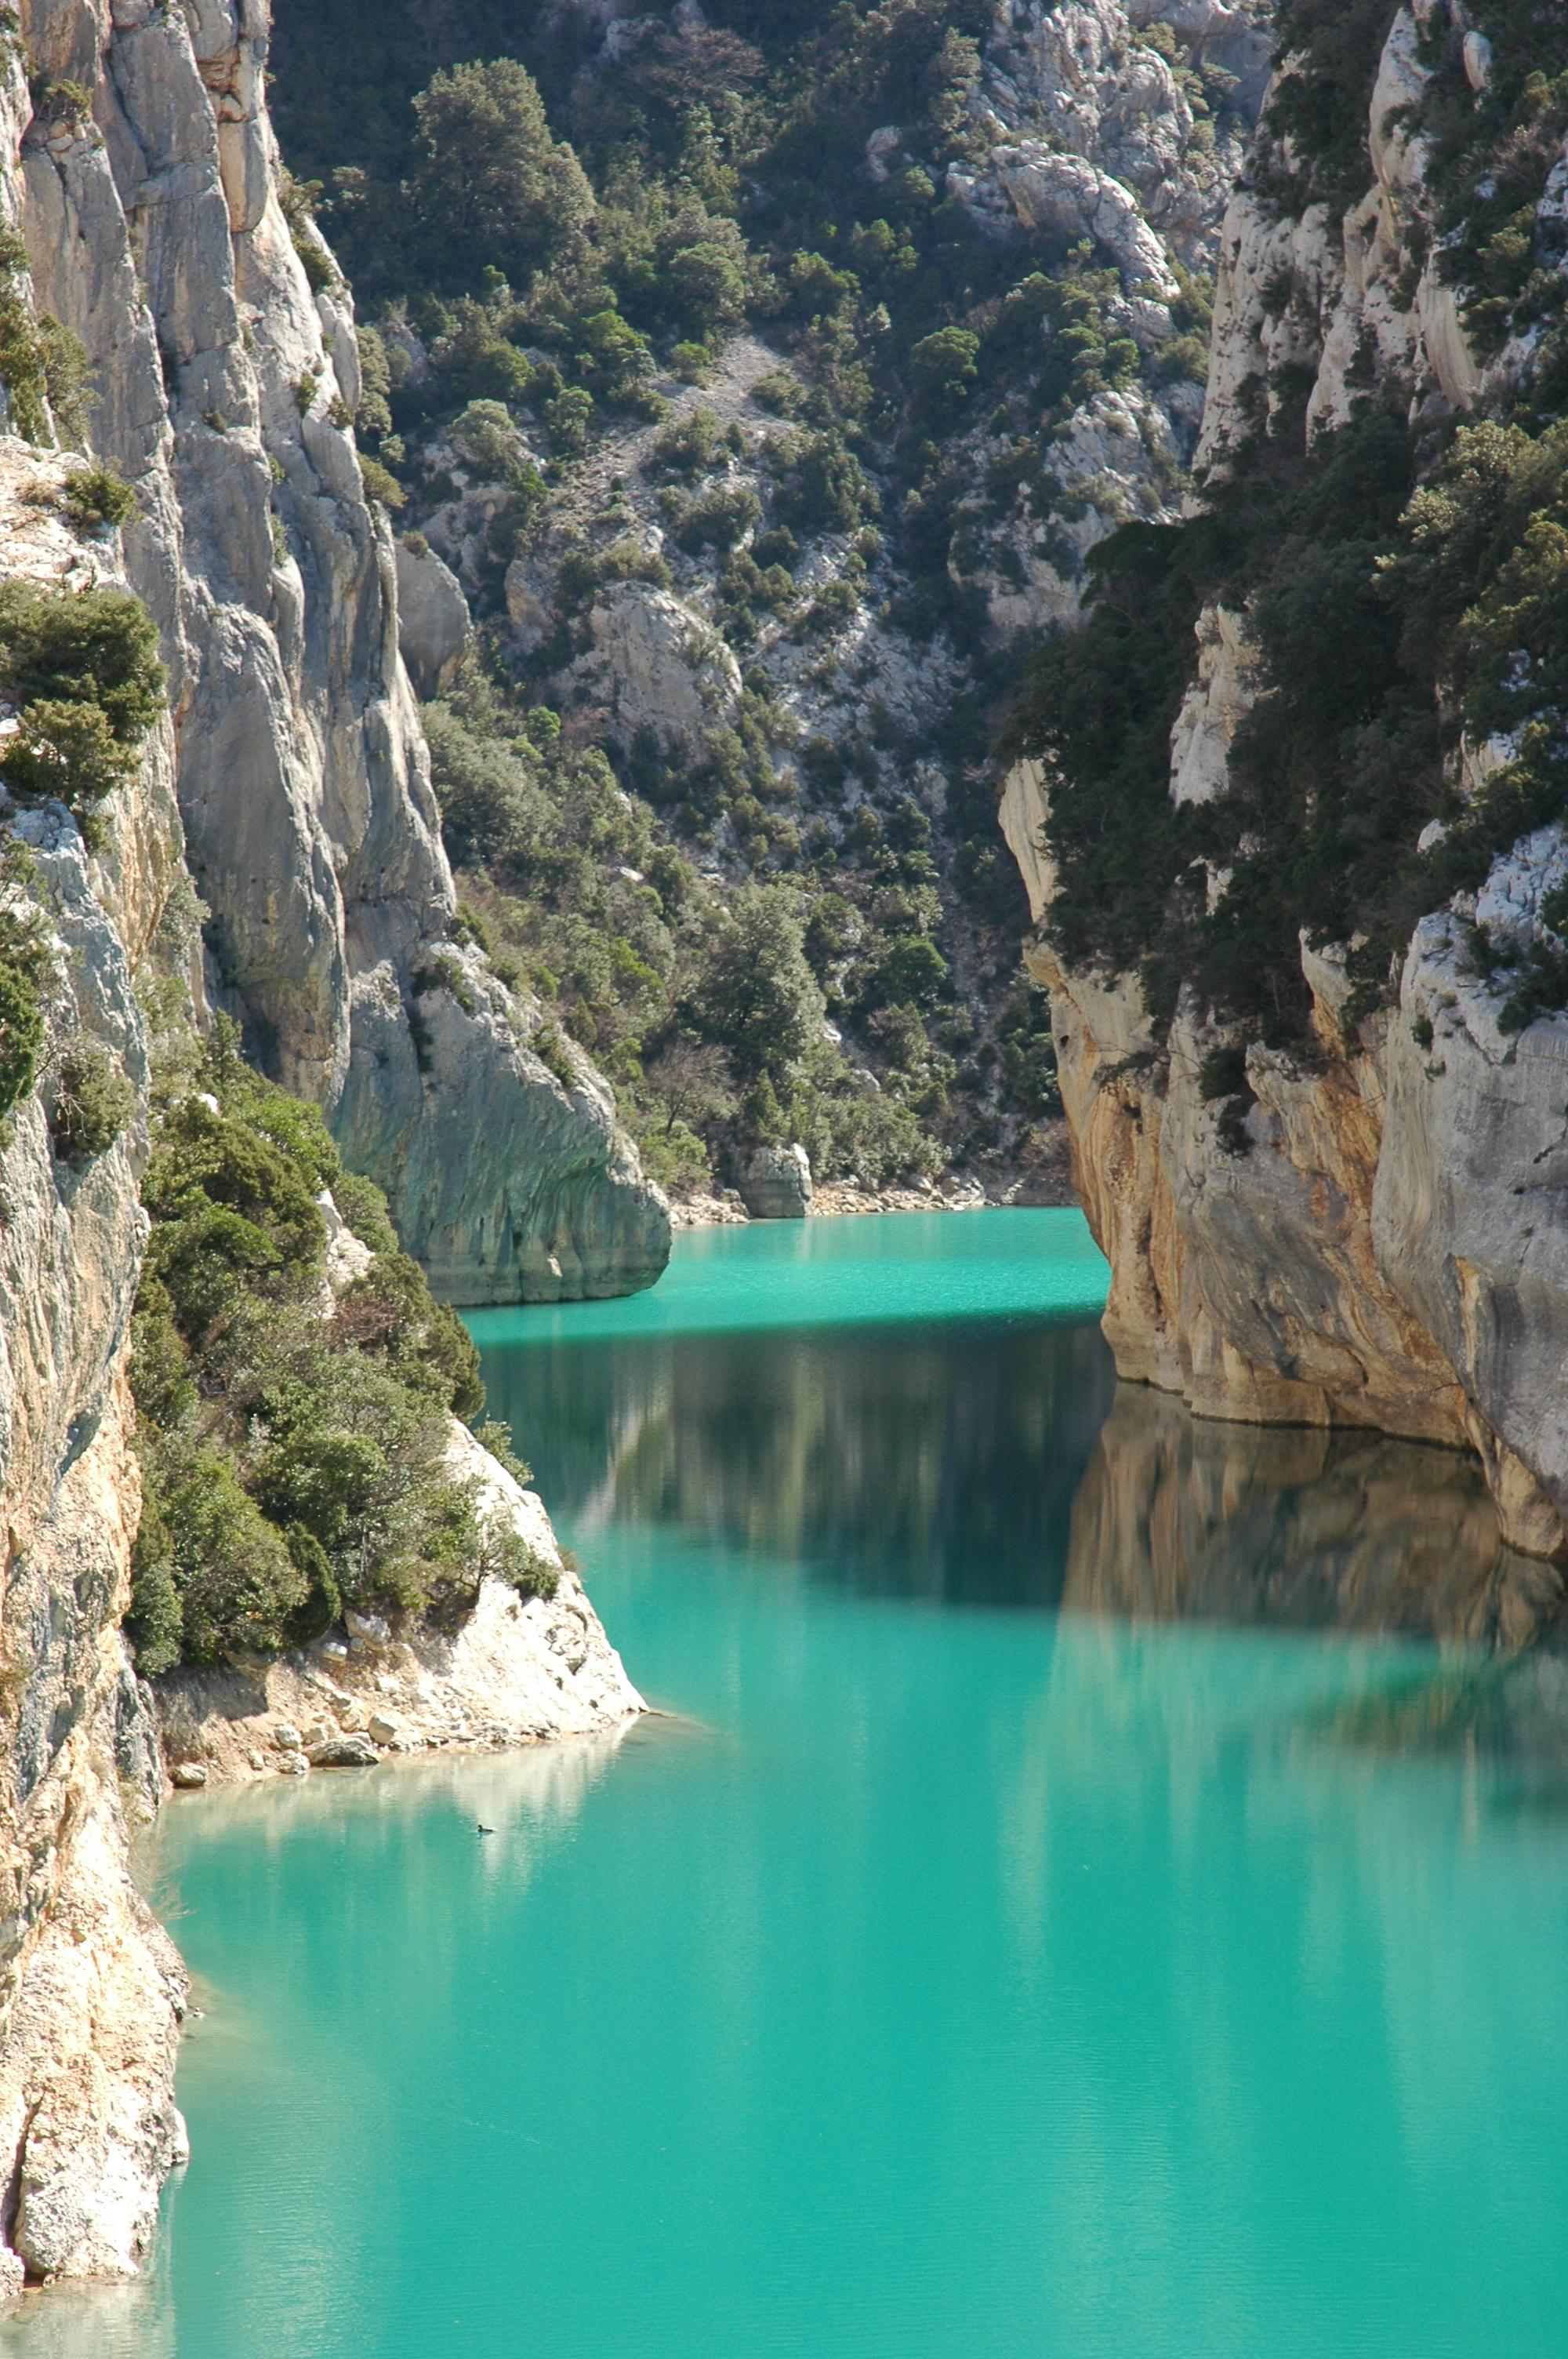 Plage de chabassole lac de sainte croix loisirs - Office du tourisme lac de sainte croix ...